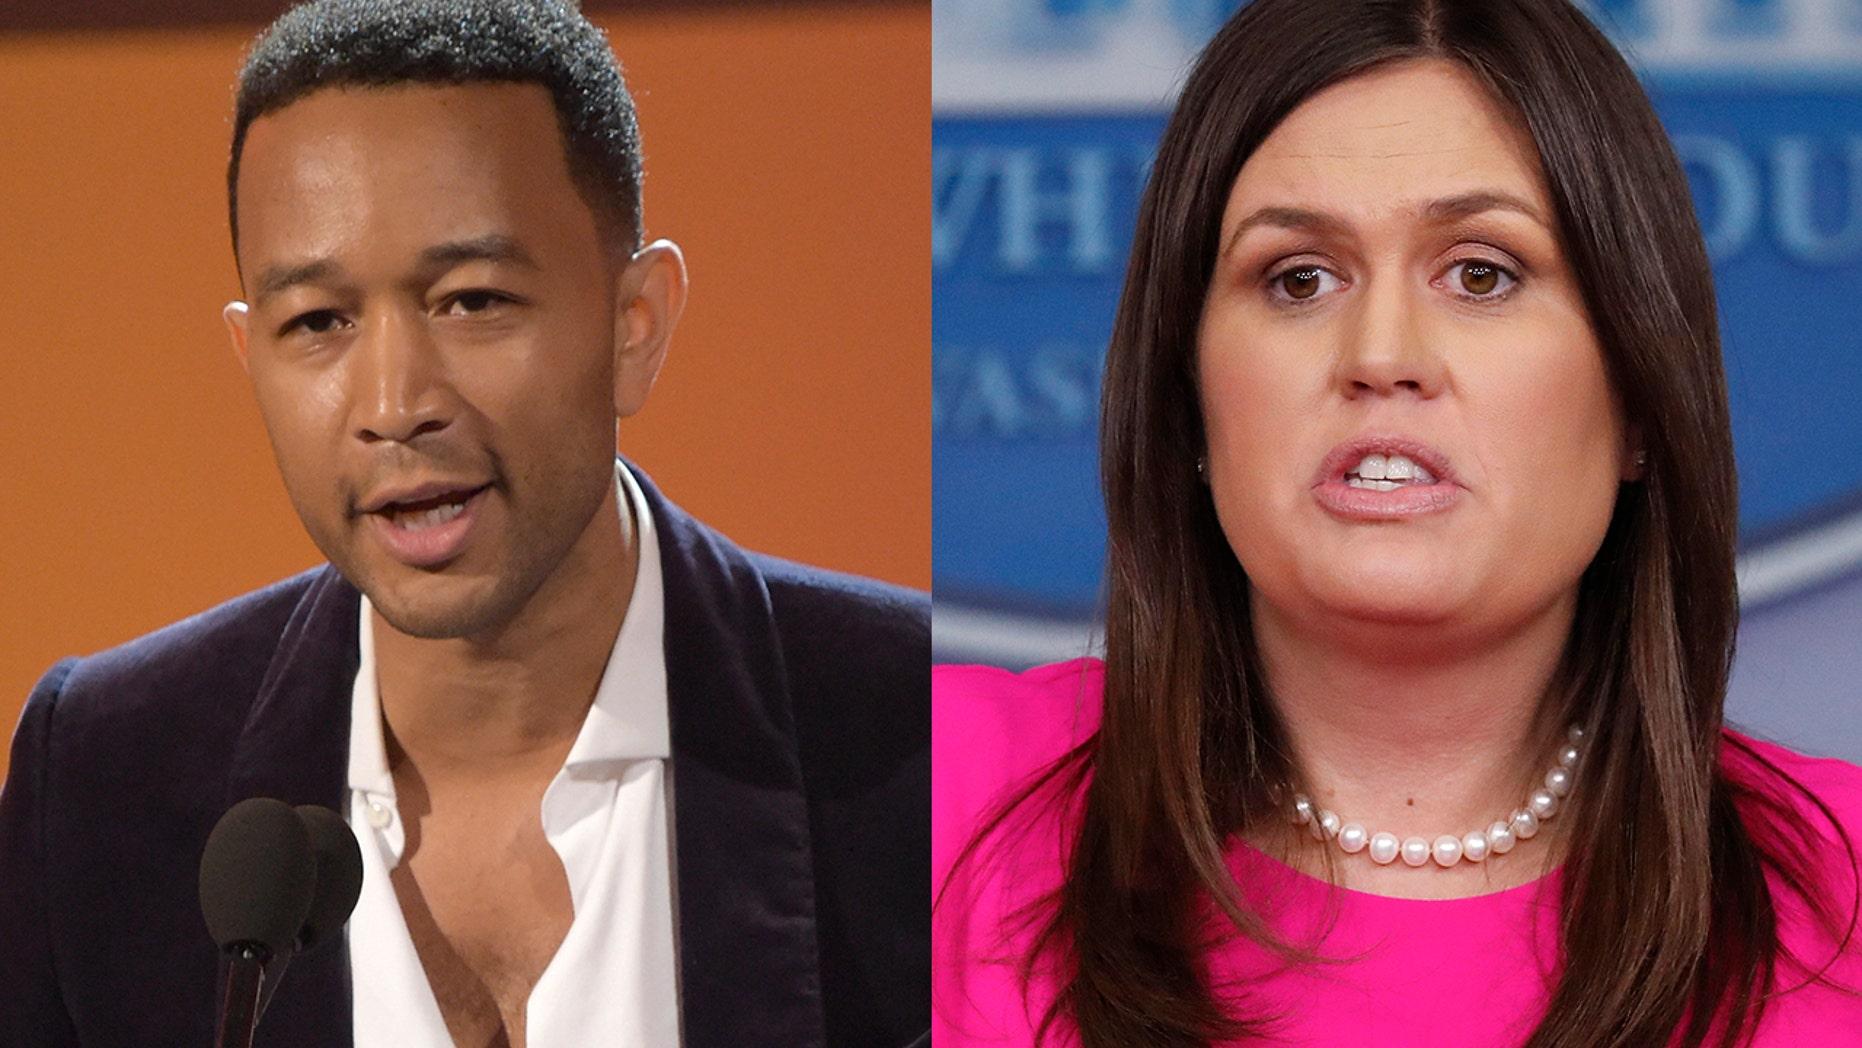 John Legend, left, spoke out against Sarah Sanders.